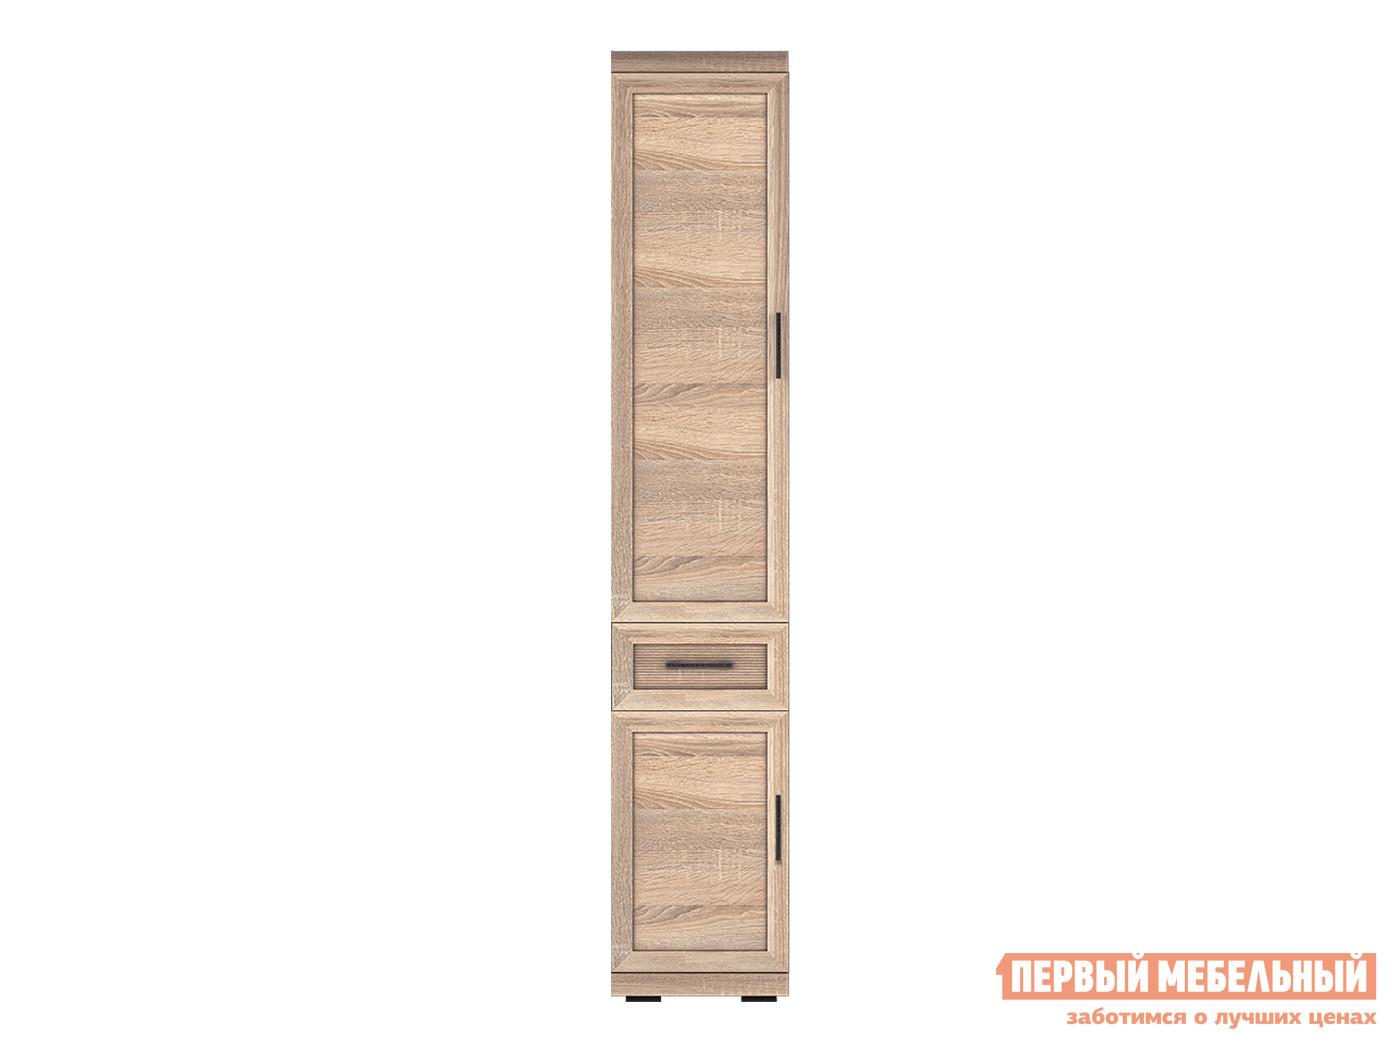 Шкаф распашной Первый Мебельный Вега Прованс 9 шкаф первый мебельный вега прованс 10